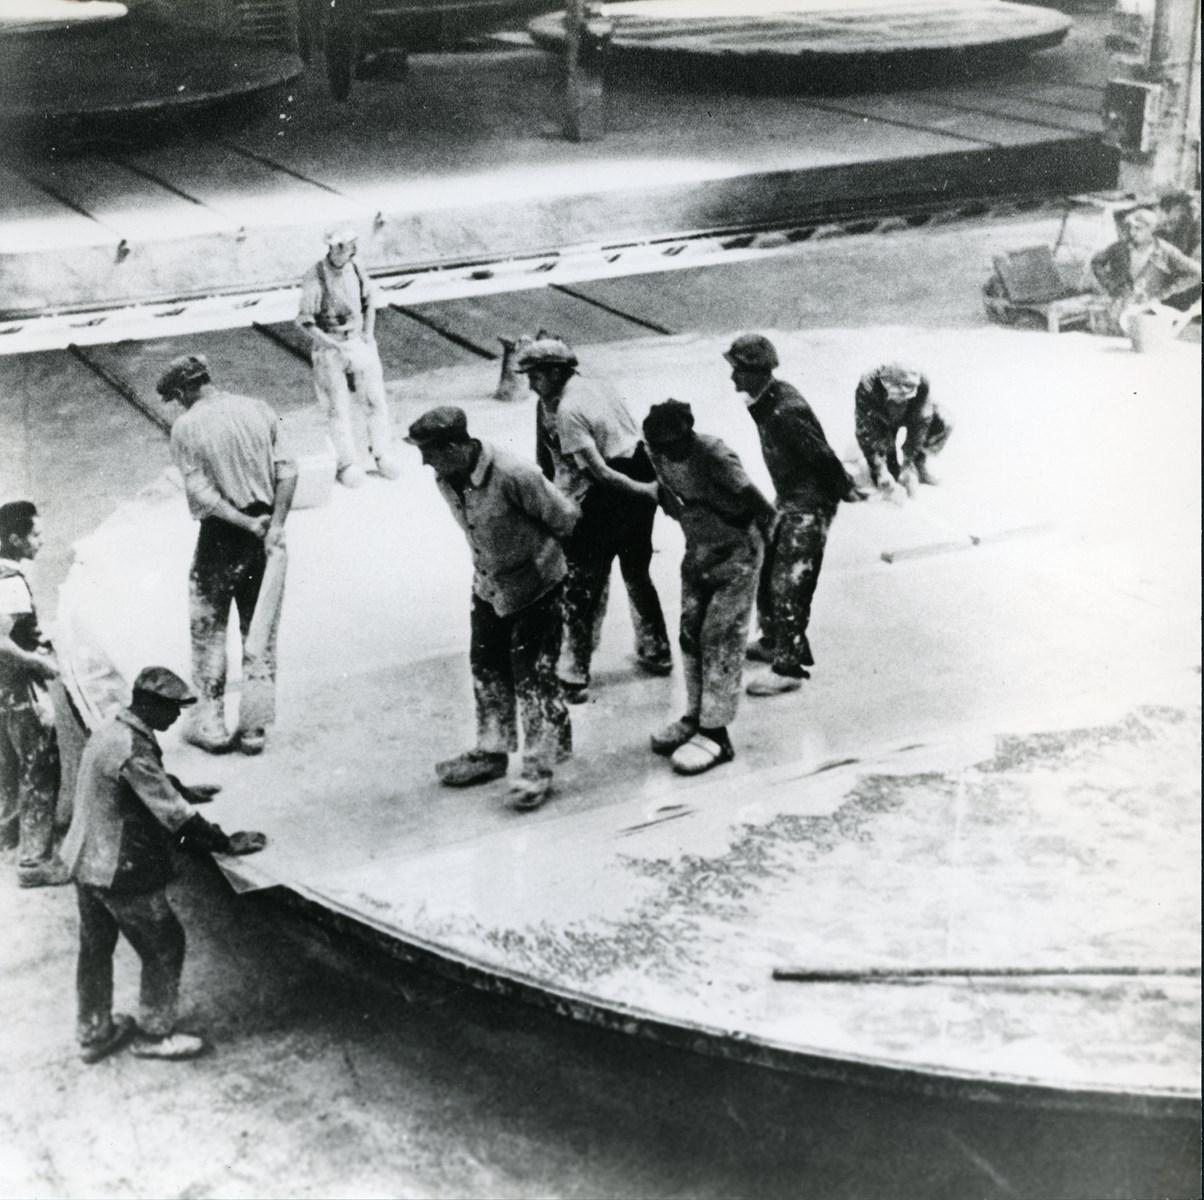 Les feuilles de glace sont scellées avant polissage, sur des grandes tables rotatives, les ferasses. Probablement à Courcelles, vers 1910